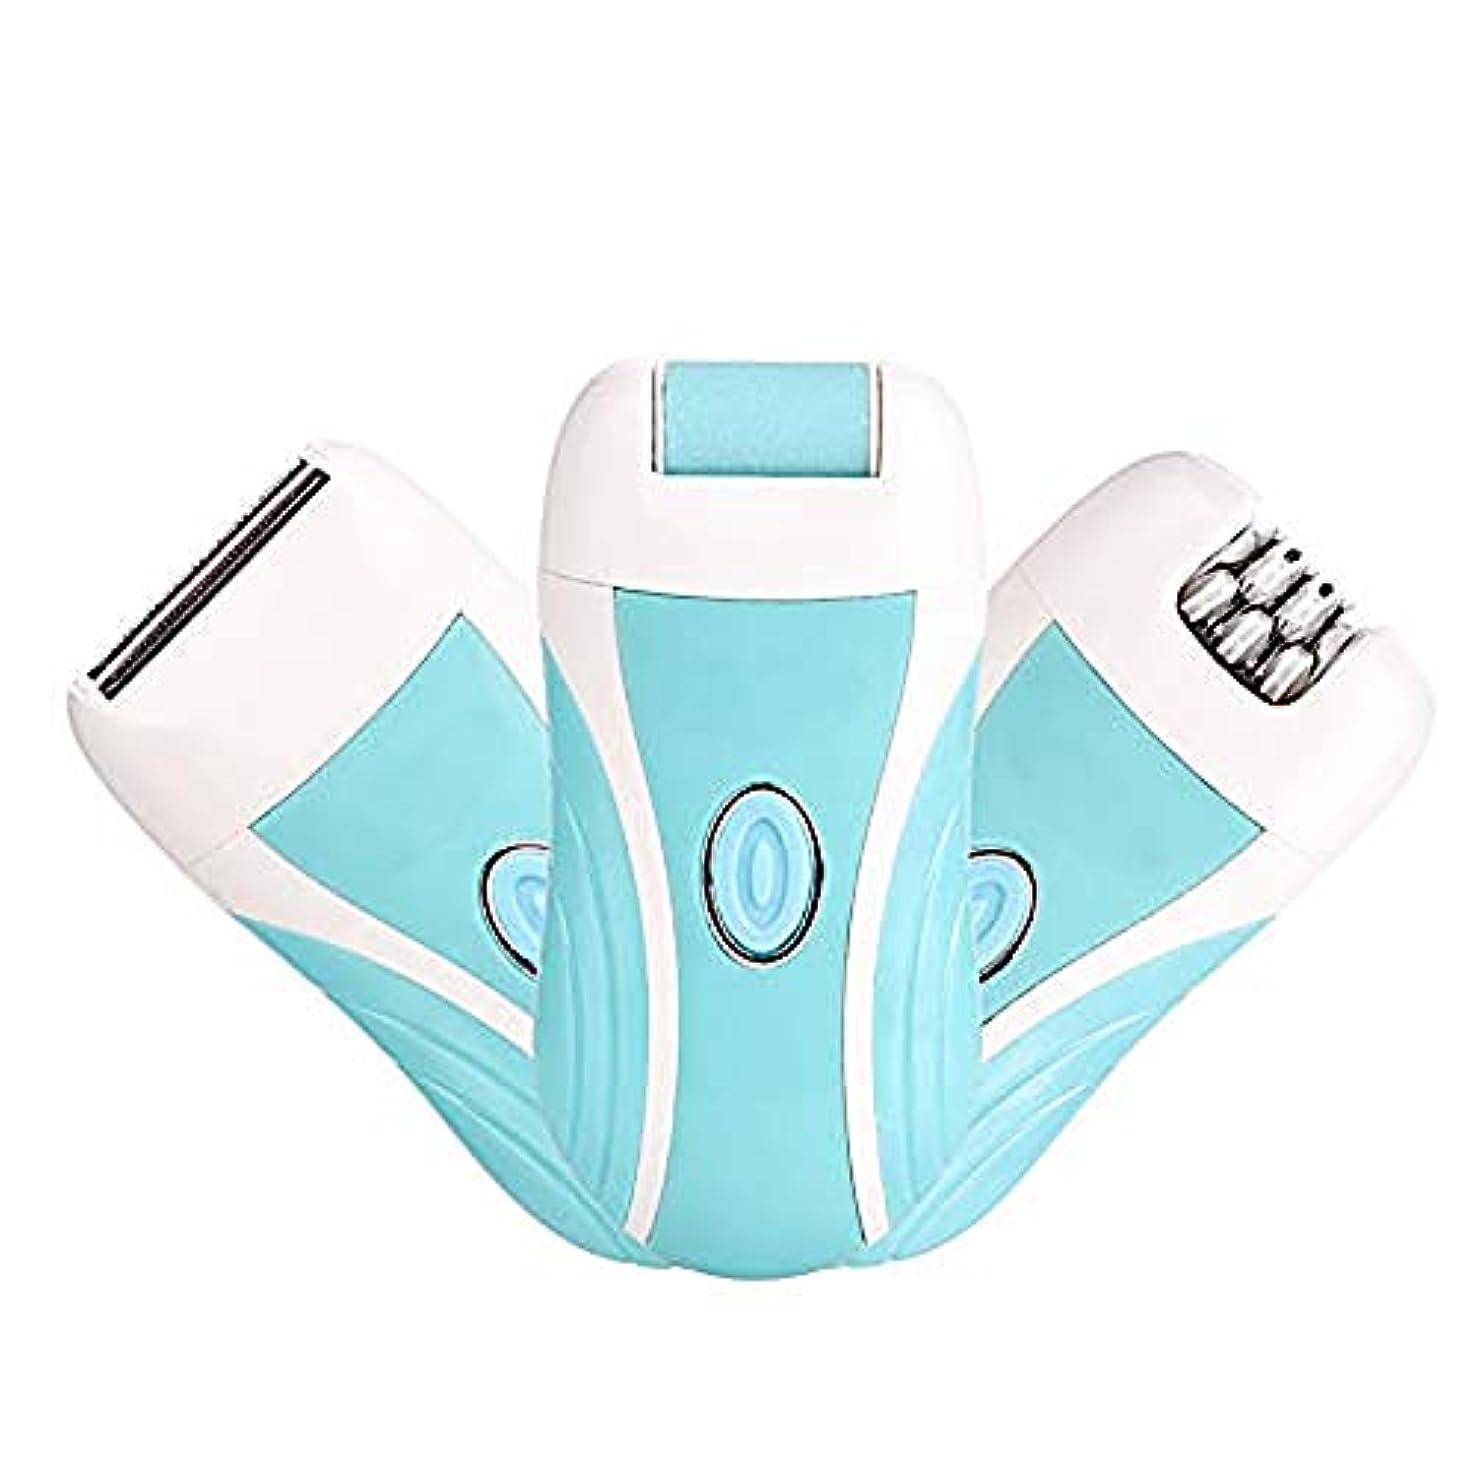 ホームレス消える真似る青色の3-in-1 USB充電式脱毛器、電気トリマーカミソリ、ミニポータブル、全身に使用可能